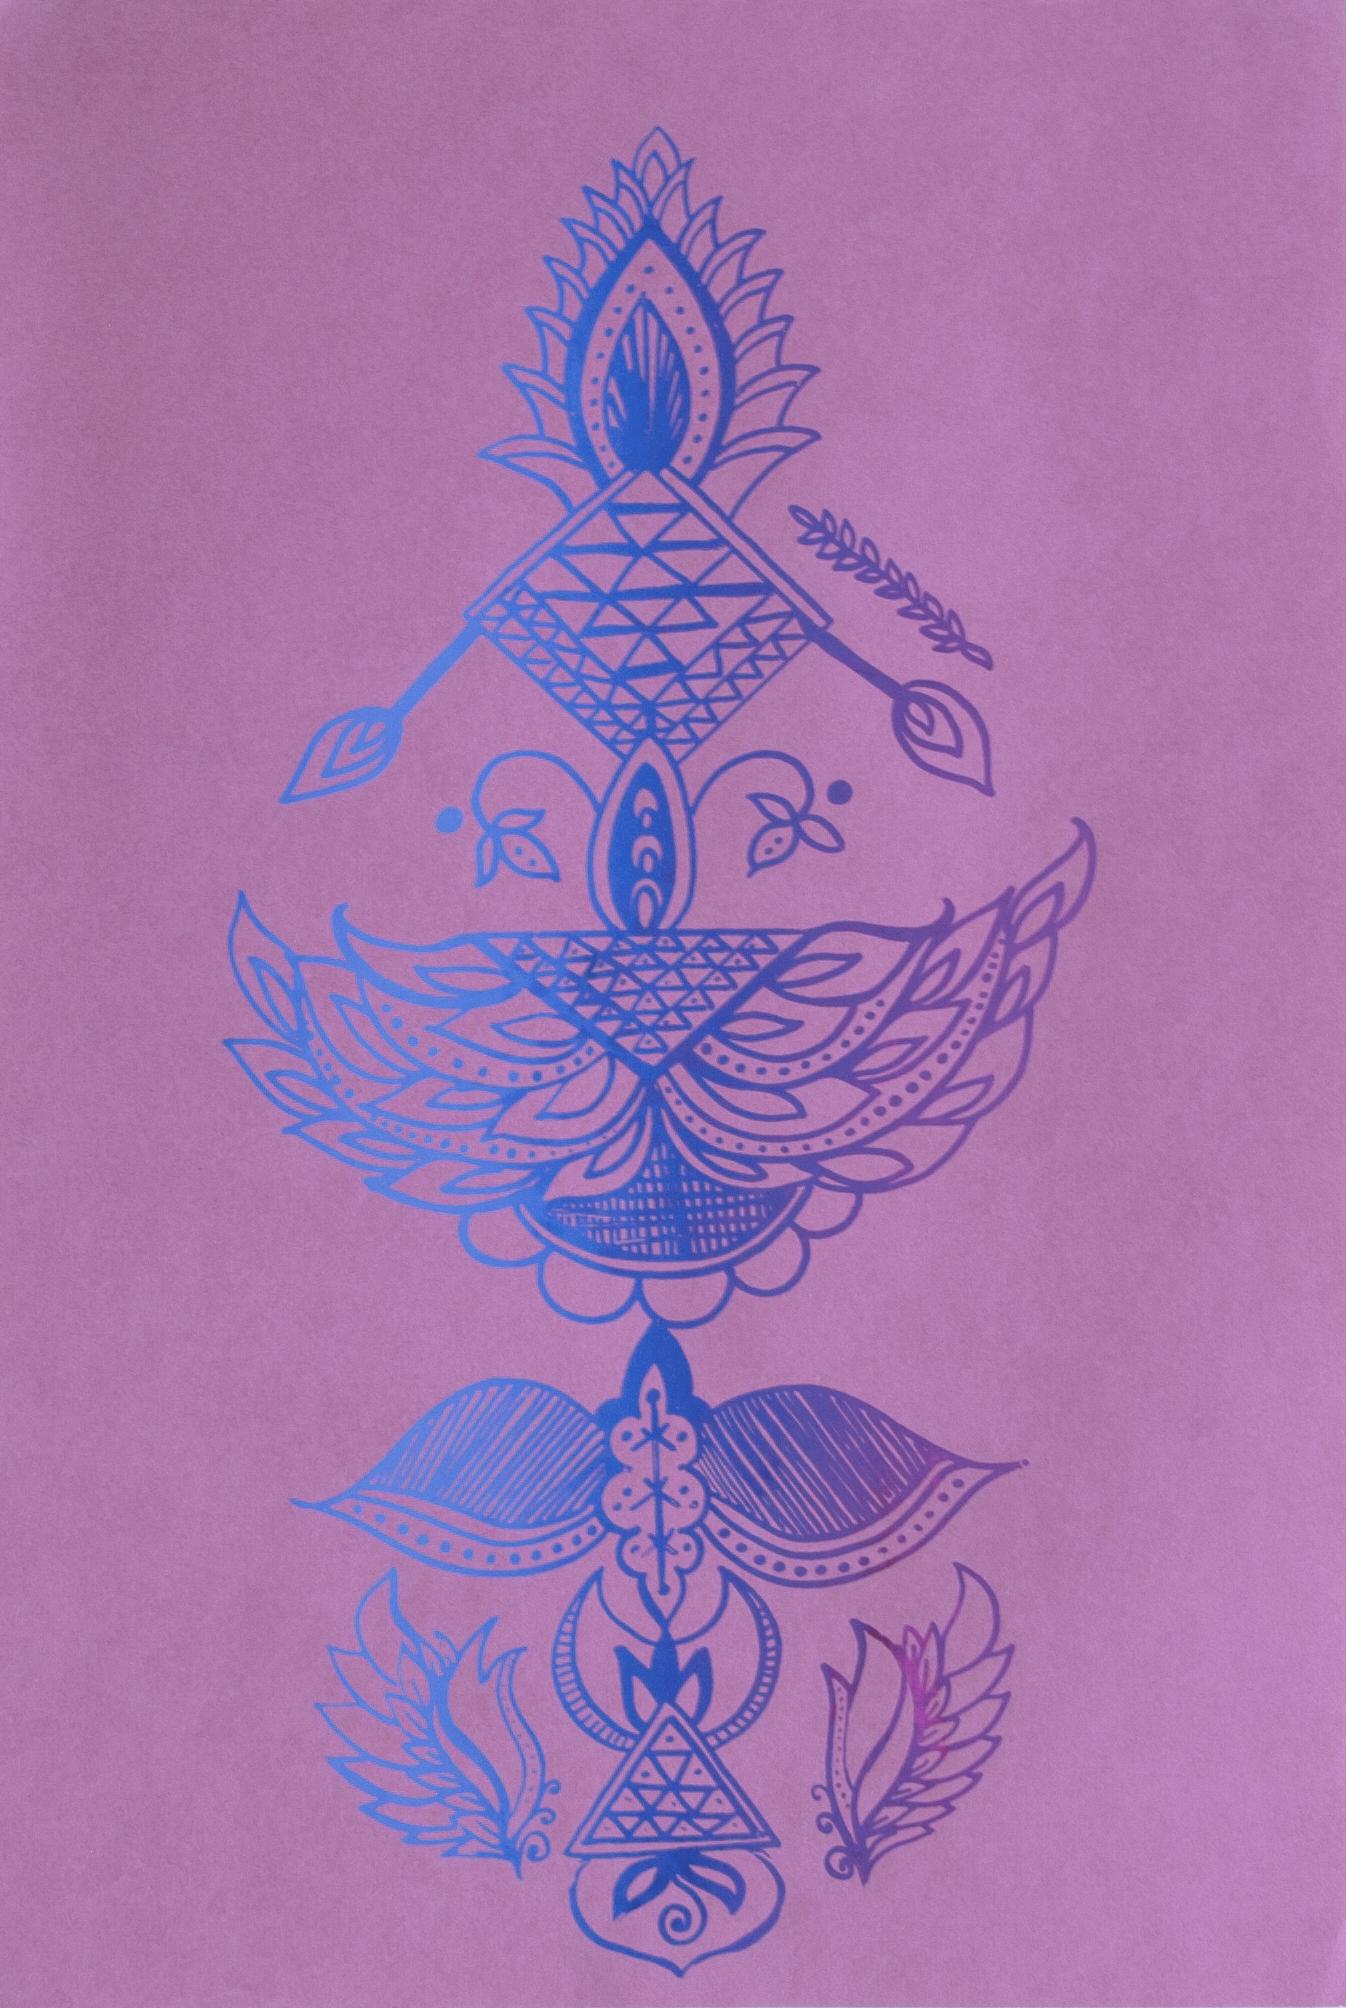 Lovers Batik on Pink  Screenprint on paper 18 x 12 in 2017